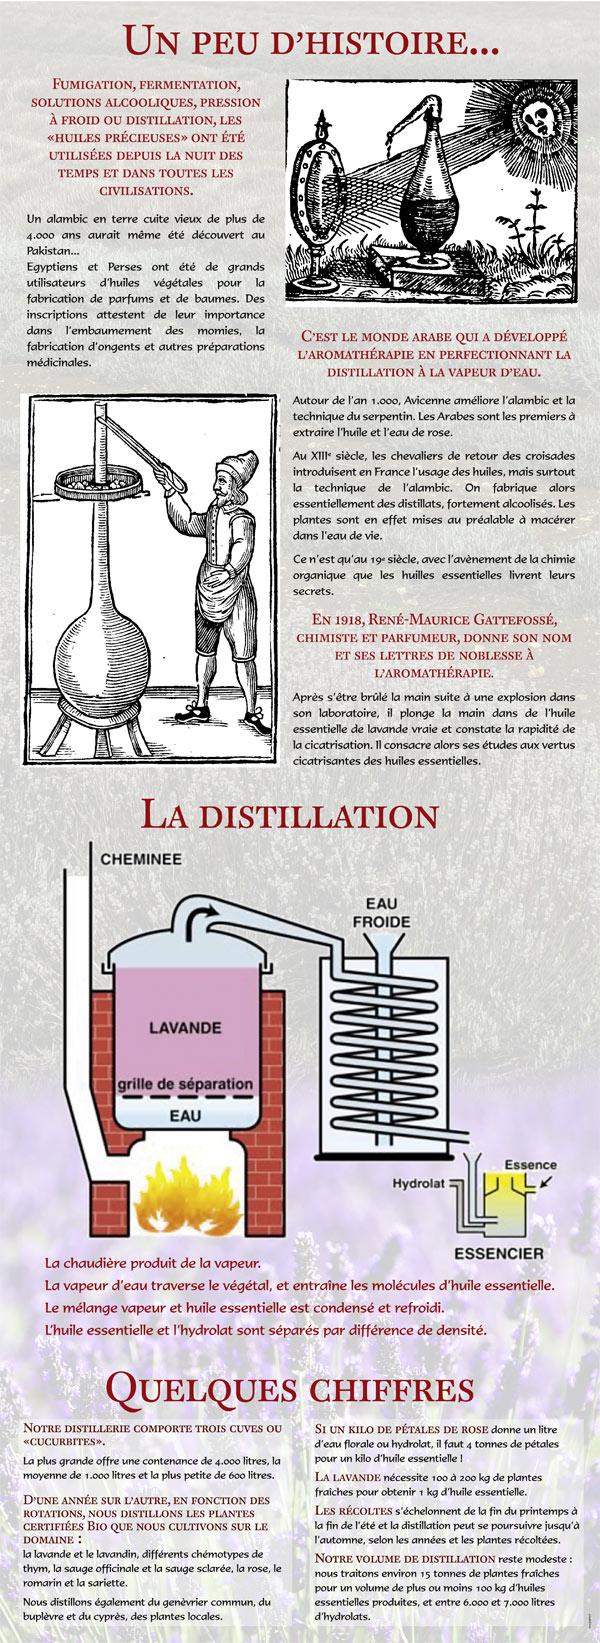 Laurent Chabaud, designer graphique depuis plus de 20 ans